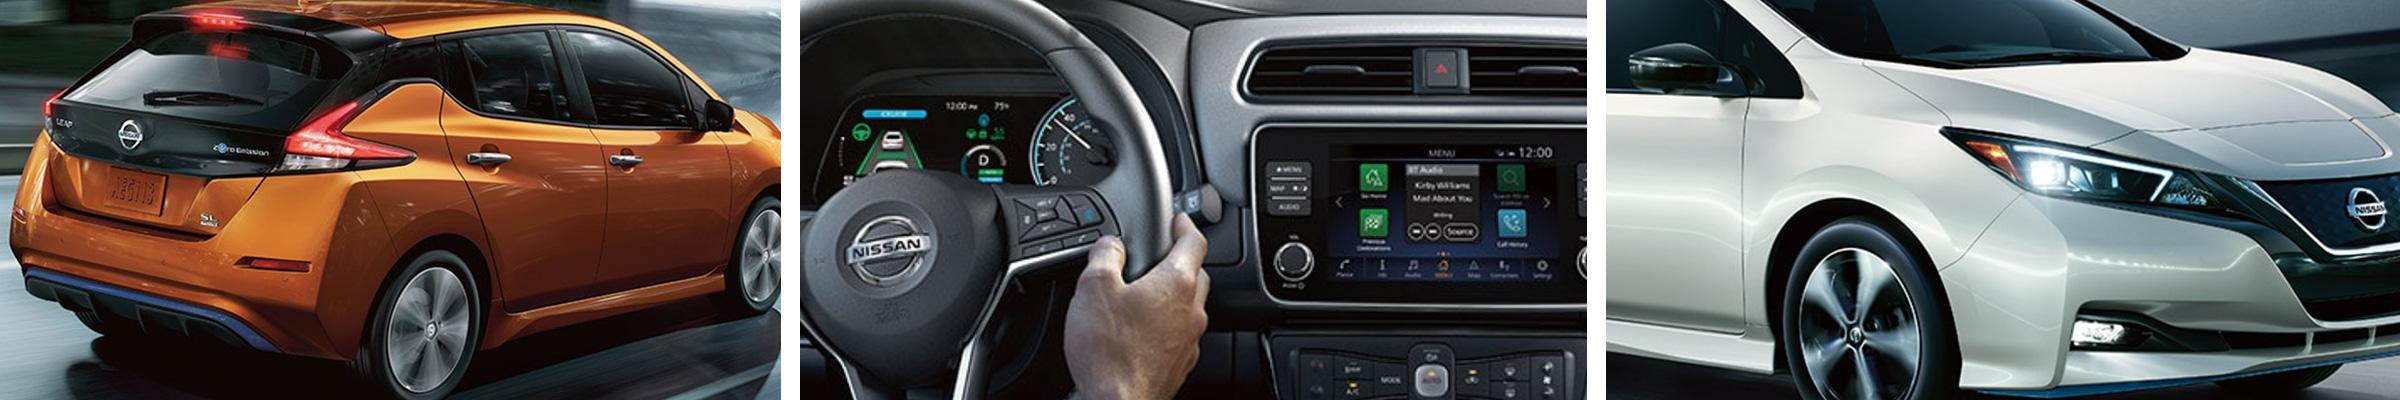 2021 Nissan LEAF For Sale Fort Collins CO   Loveland